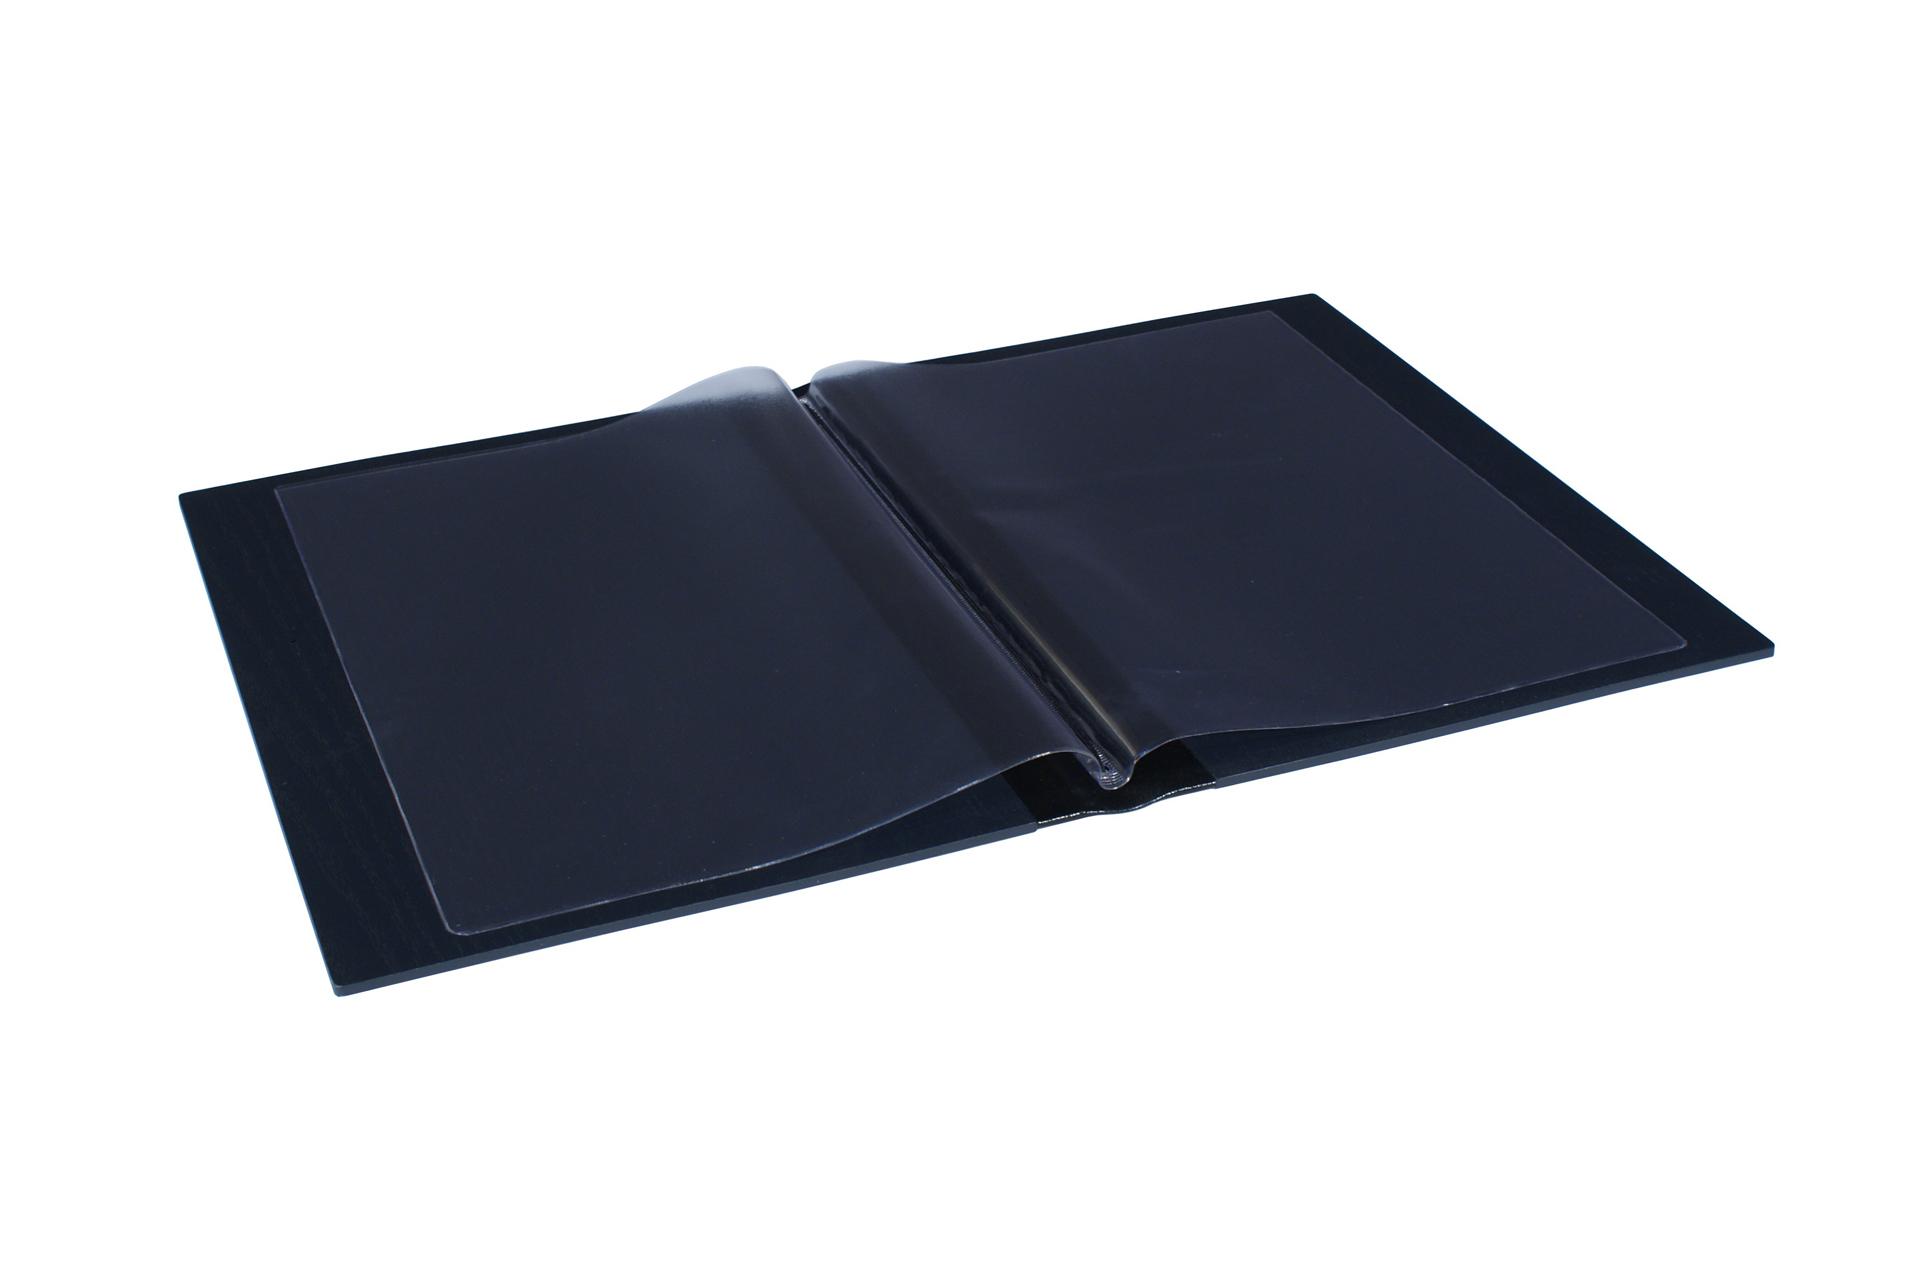 plastic wallet inserts in bespoke wood folders for restaurant menus guest information folders